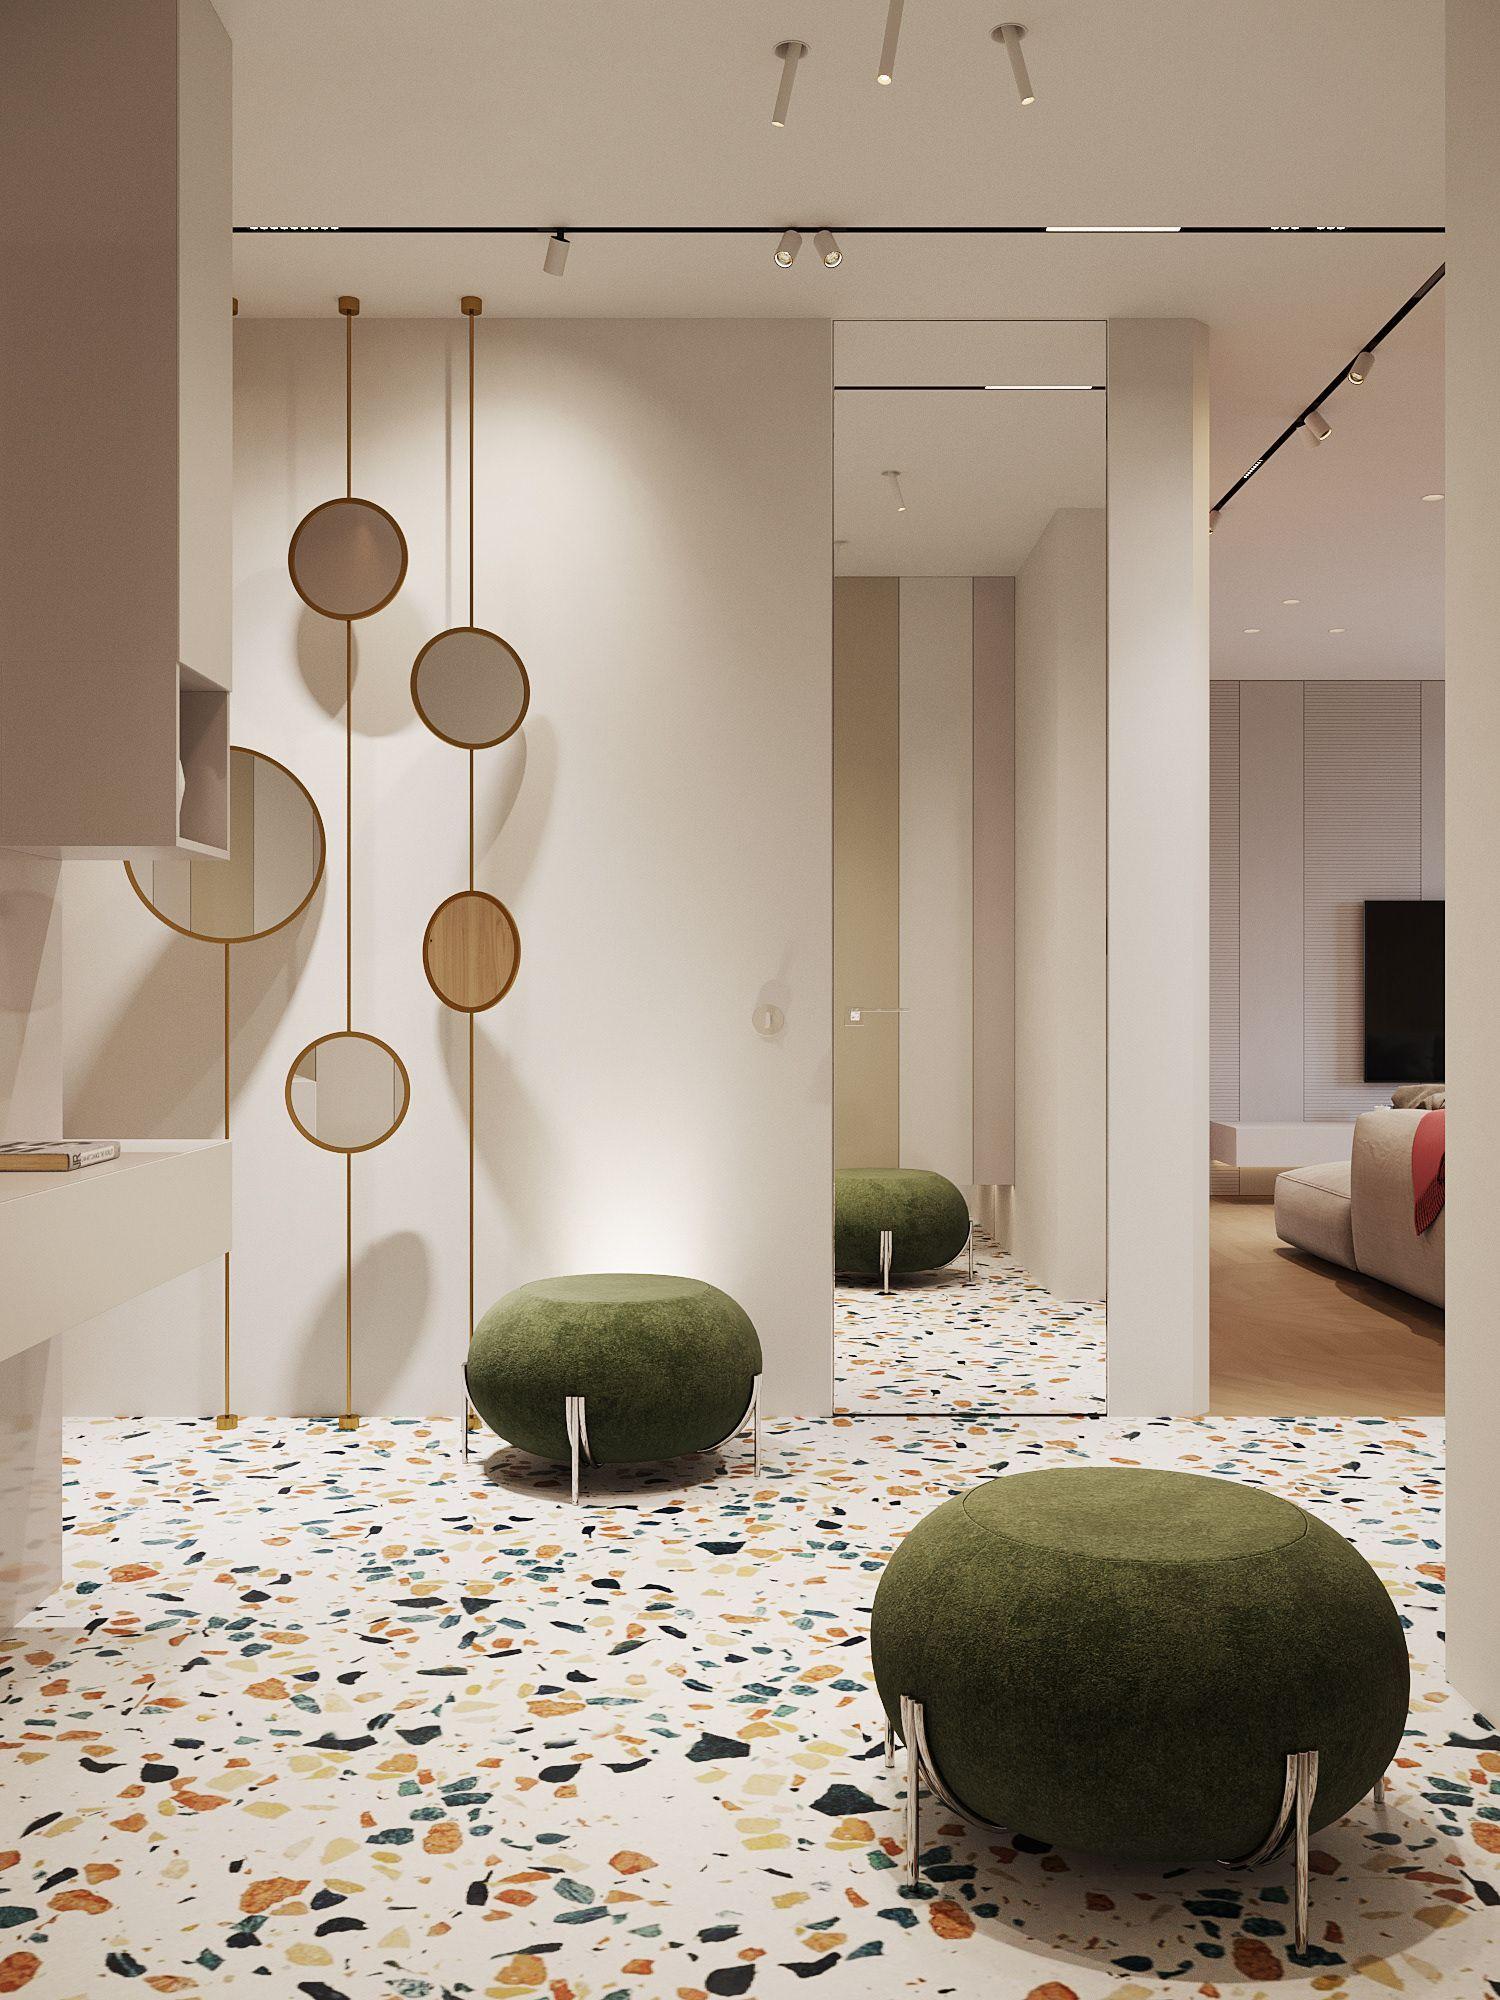 Mops Stripe On Behance Interiordesign Interiors Design Architecture In 2020 Apartment Interior Design Interior Design Gallery Apartment Interior